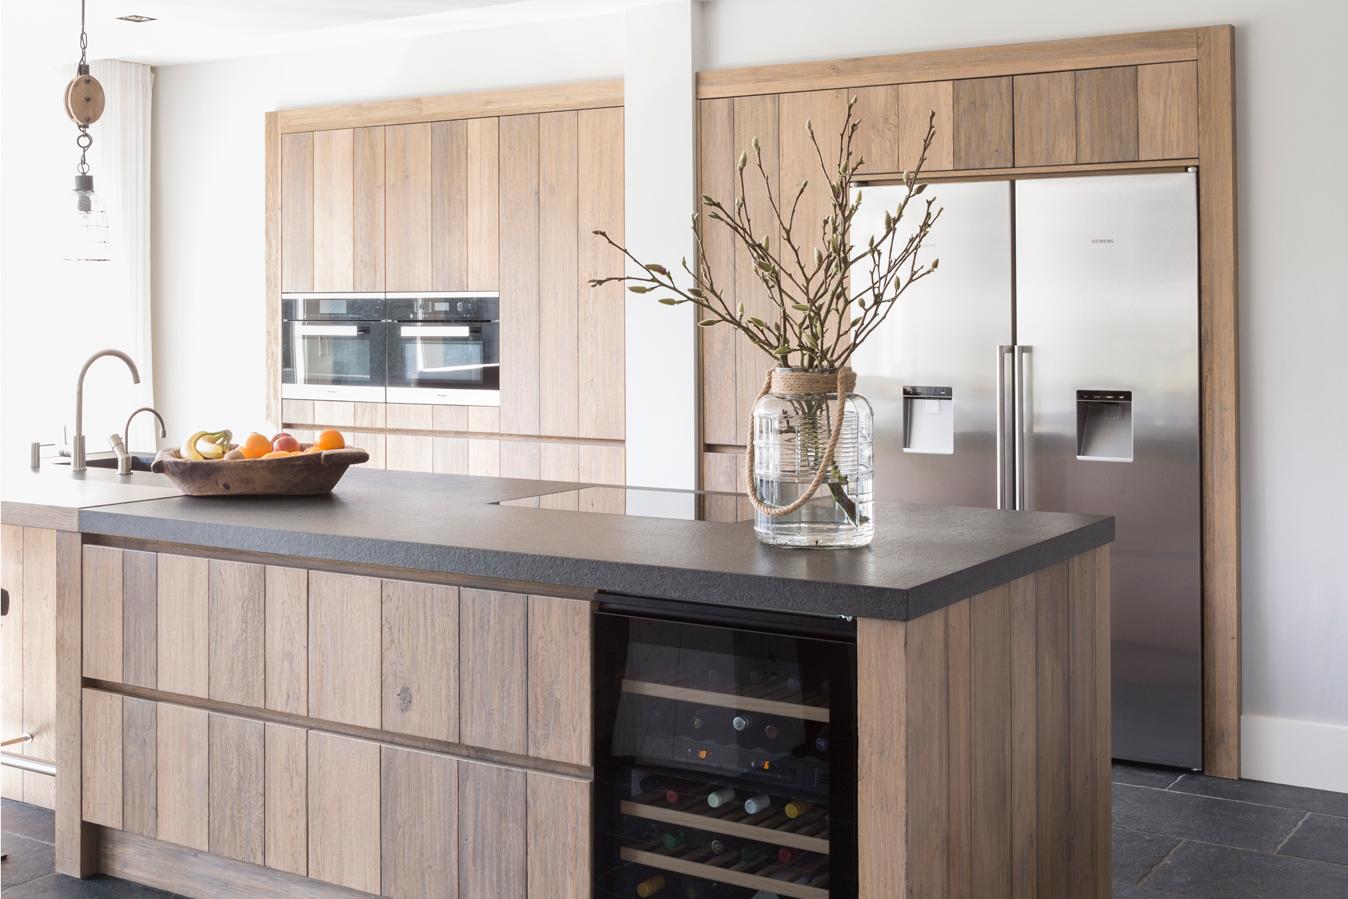 Open Keuken Ideeen : Open keuken ideeen simple grote open keuken met bar with open